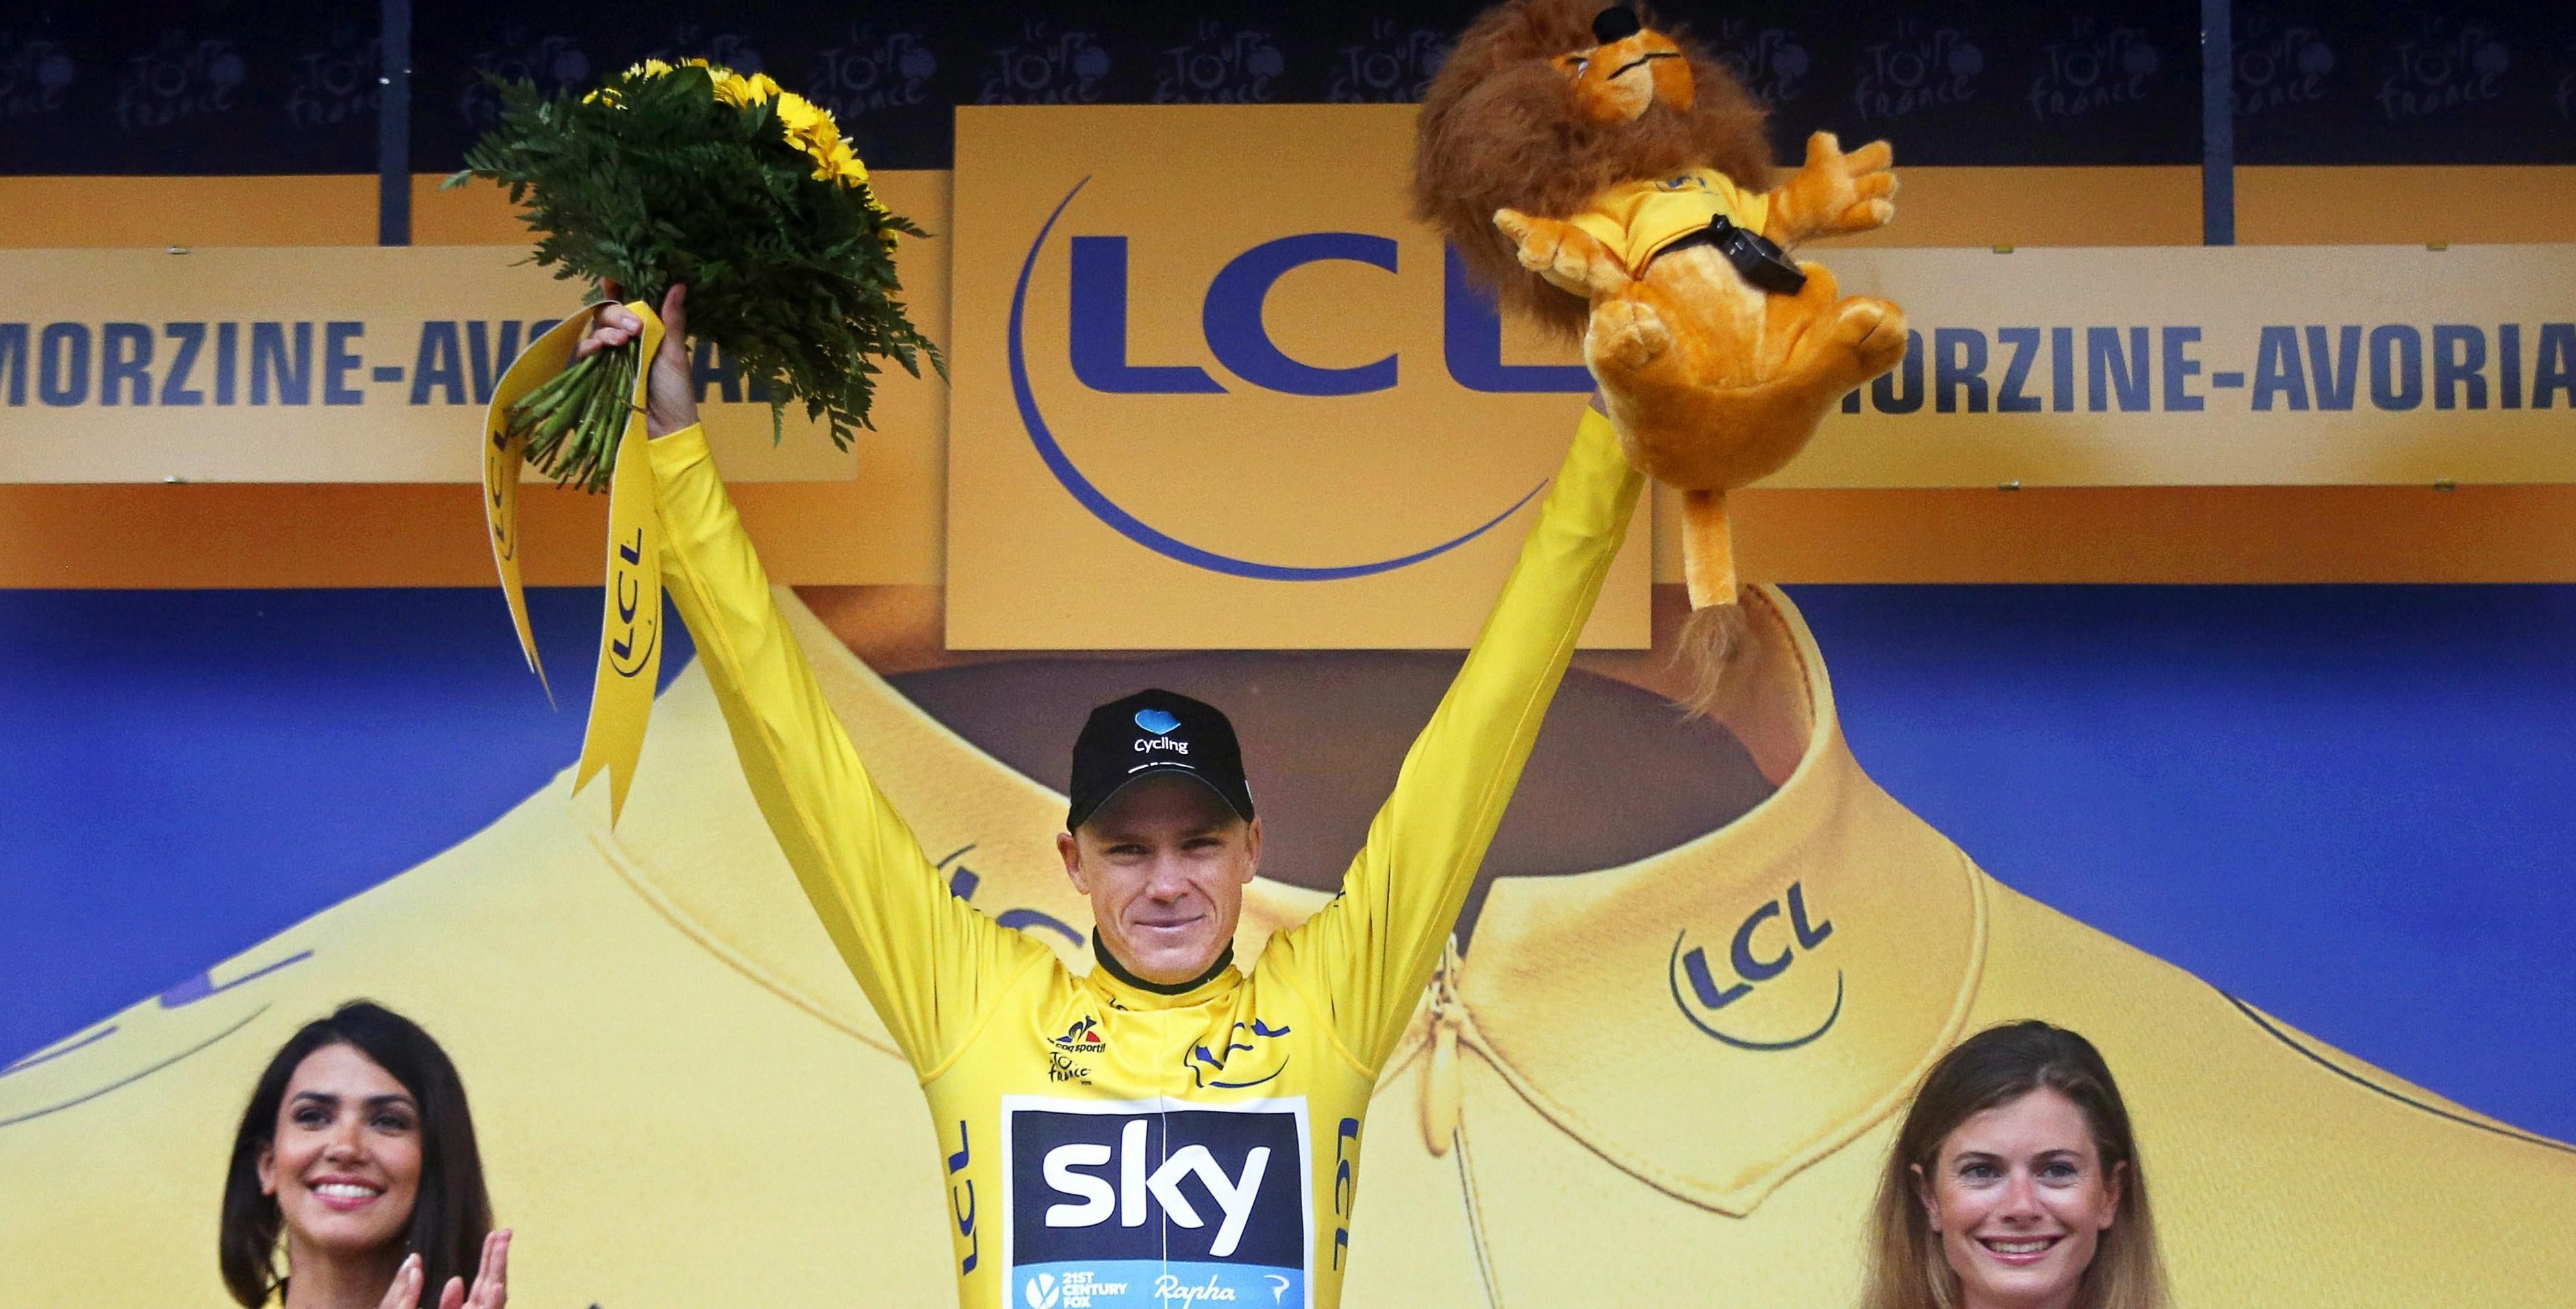 El británico Froome ganó la edición 103 del Tour de Francia